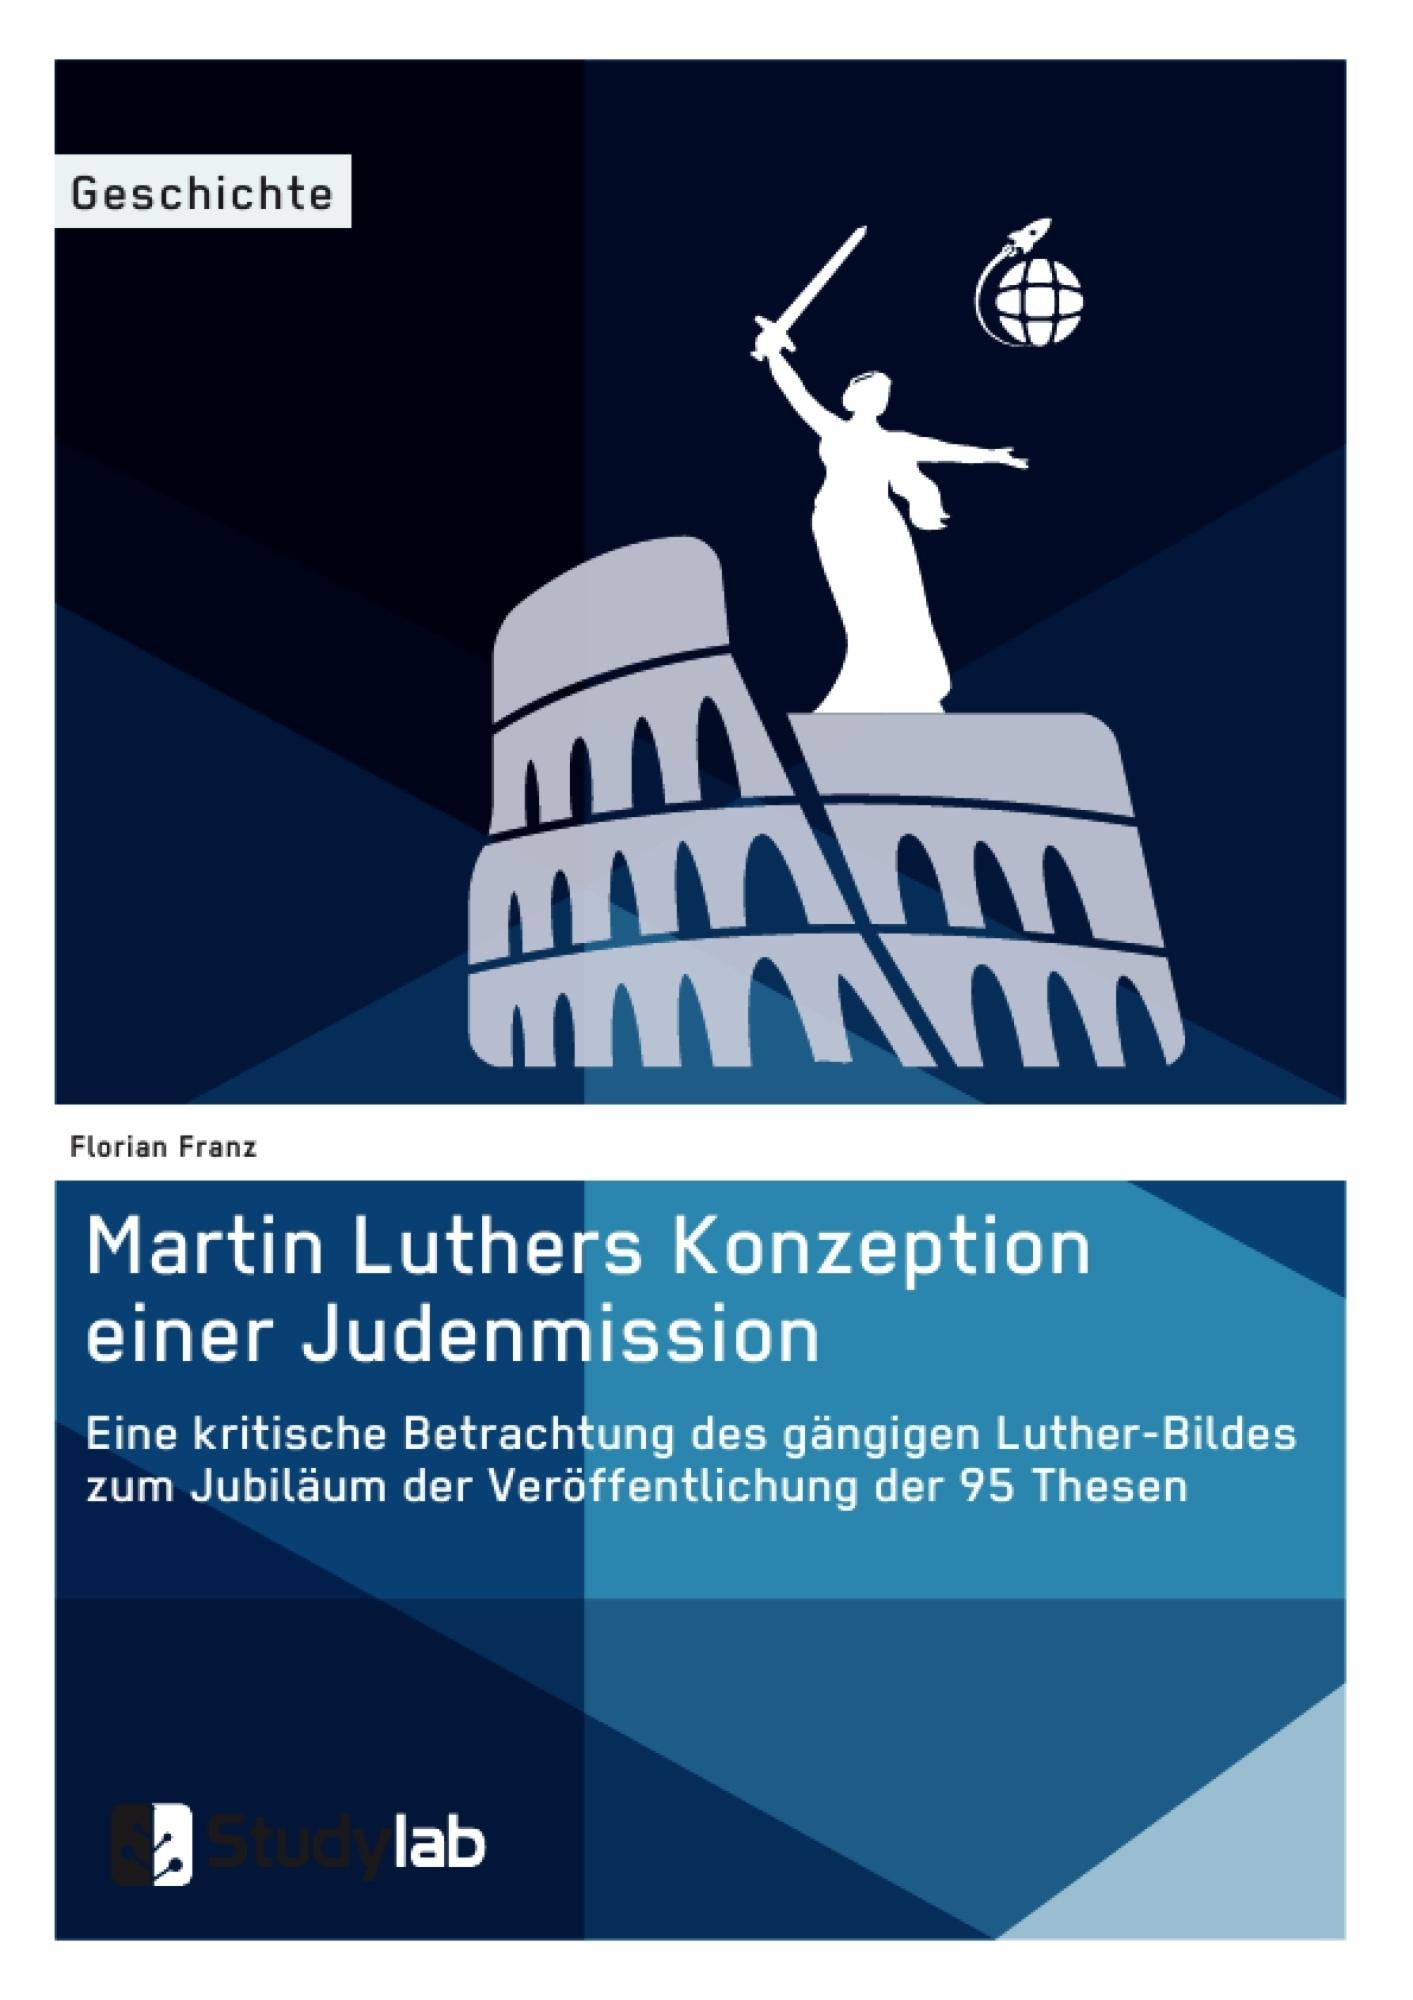 Titel: Martin Luthers Konzeption einer Judenmission. Eine kritische Betrachtung des gängigen Luther-Bildes zum Jubiläum der Veröffentlichung der 95 Thesen